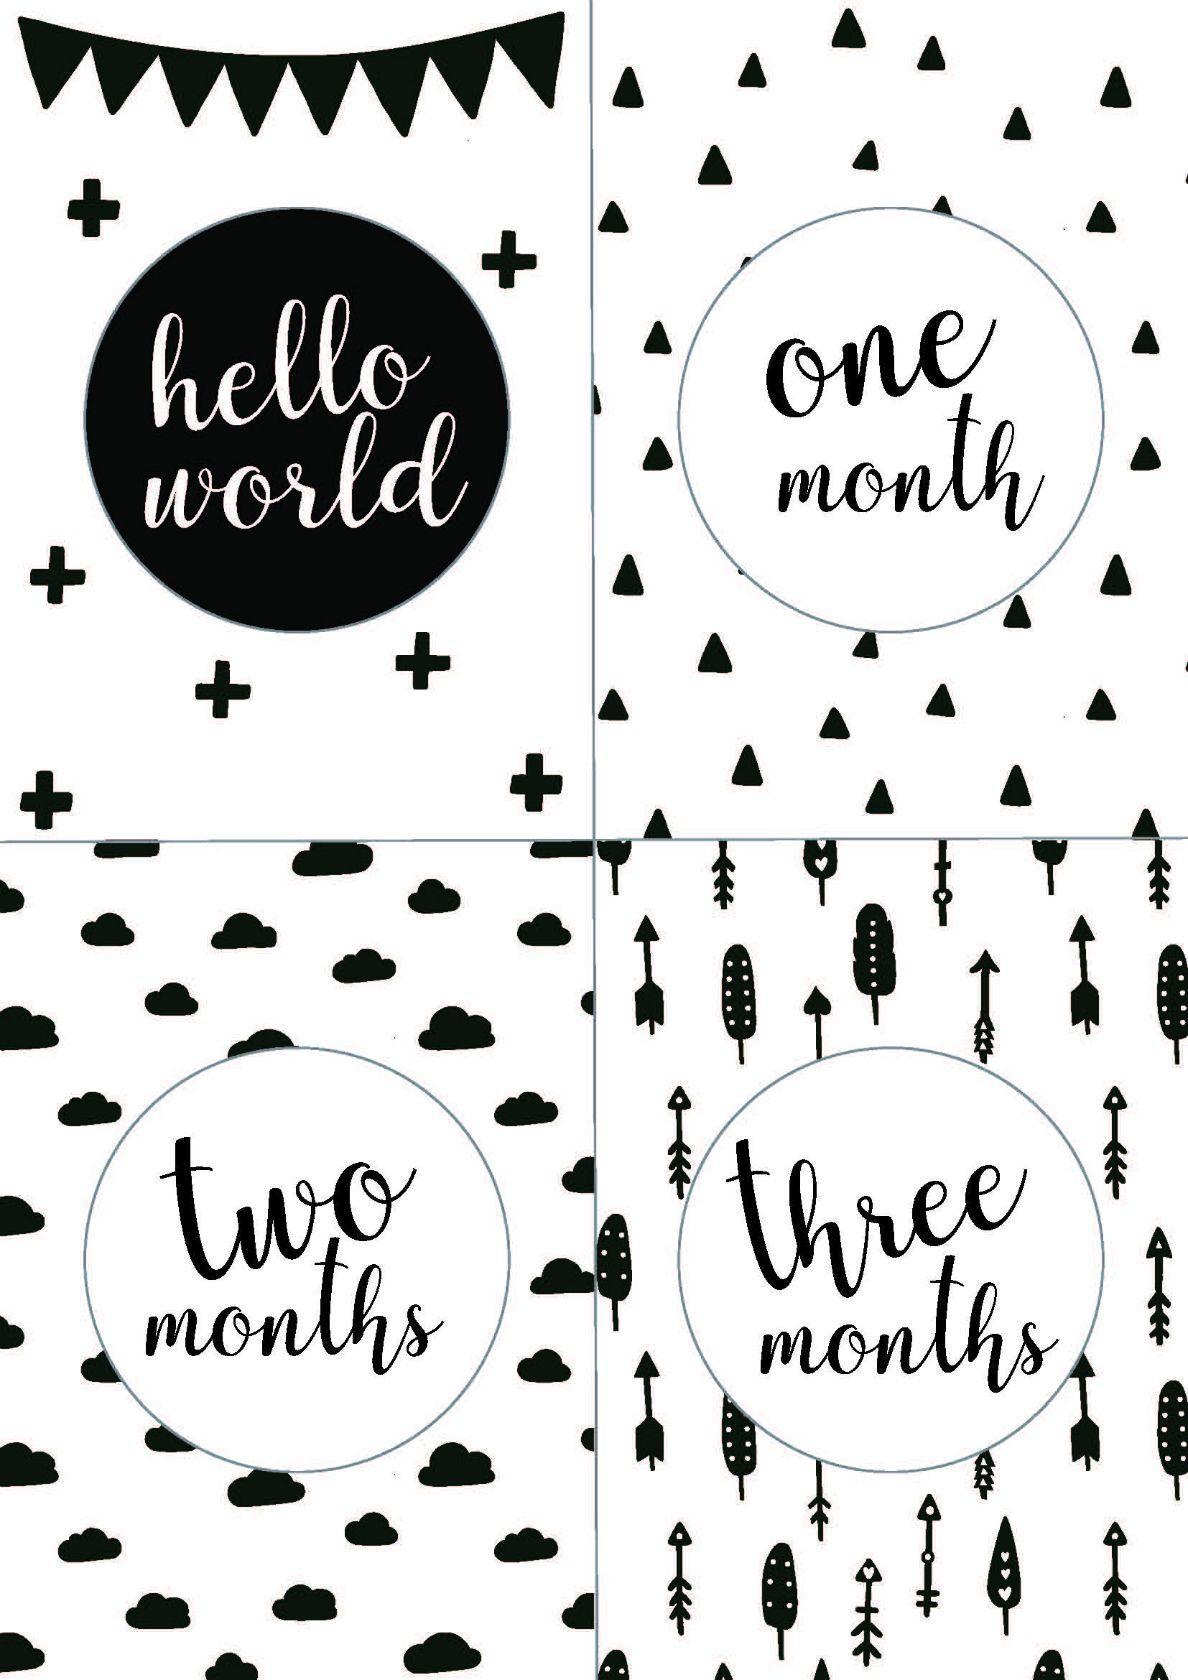 手作りロゼットで赤ちゃんの記念撮影 月齢カード無料配布 動画 Arch Daysバースデー ハーフバースデー ファーストバースデー 月齢カード Party Arch Days ロゼット 手作り 月齢 カード